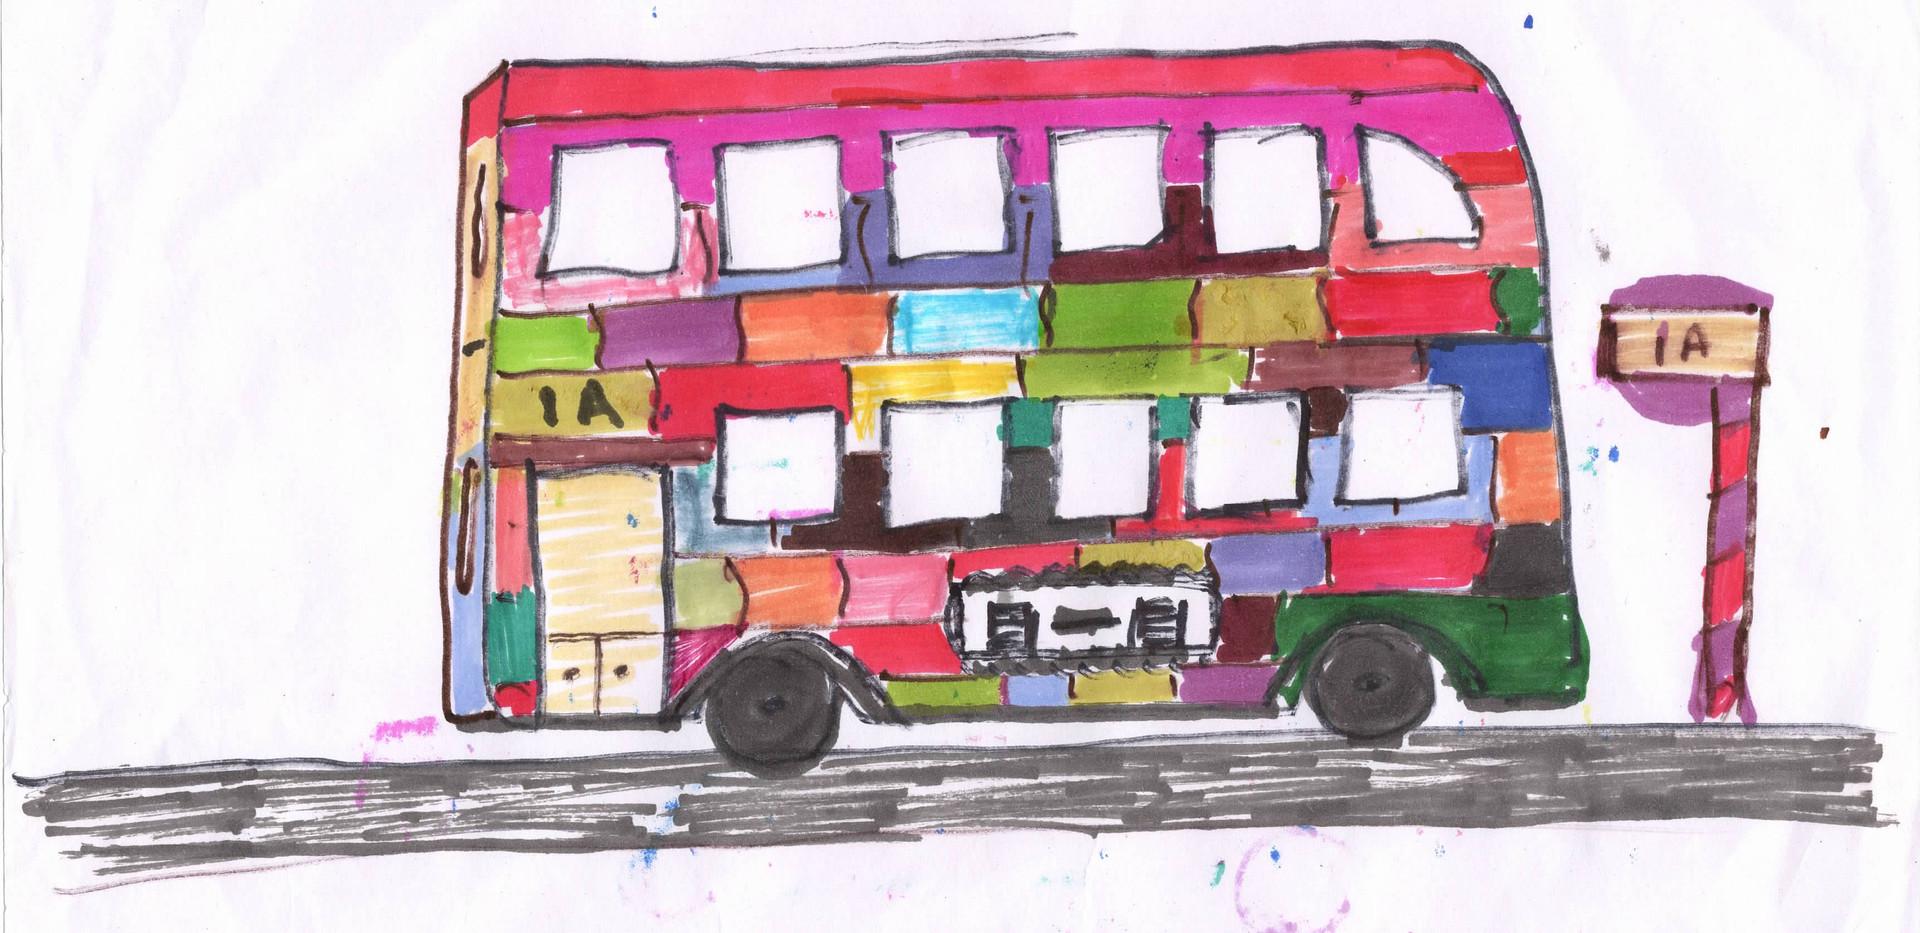 mira bus 8 2019.jpeg